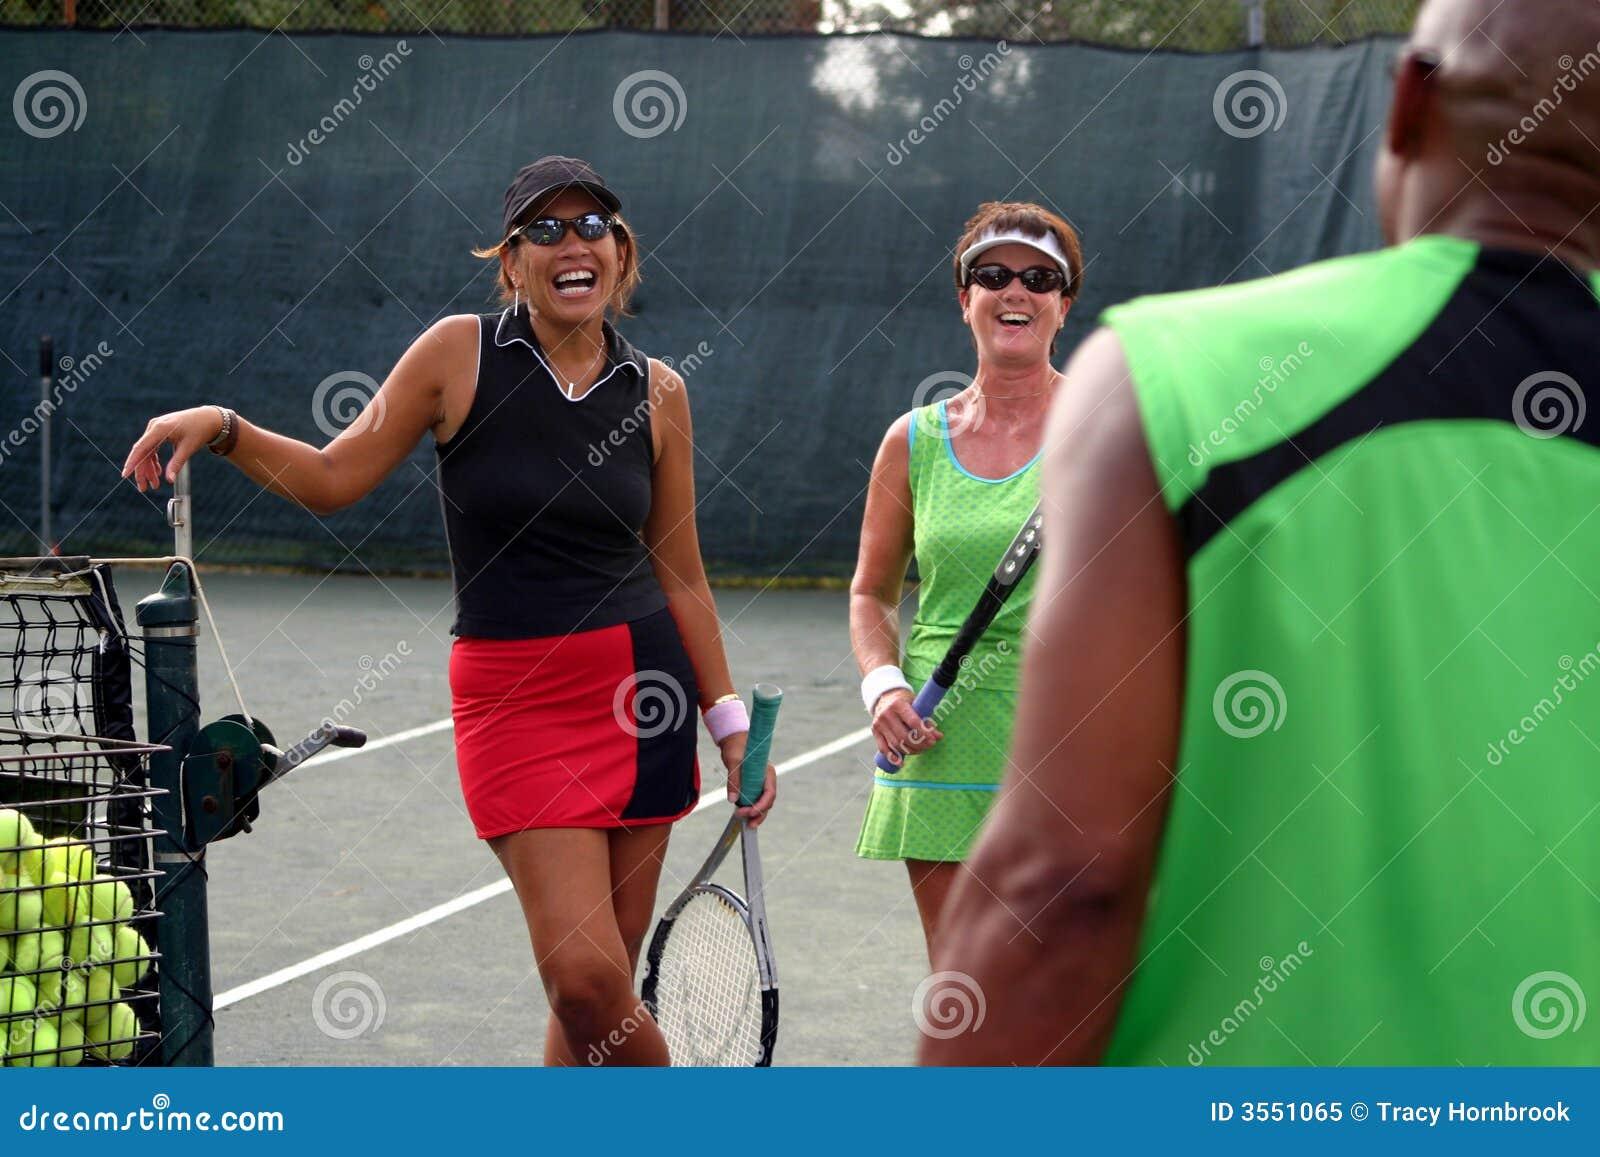 Risata femminile dei giocatori di tennis